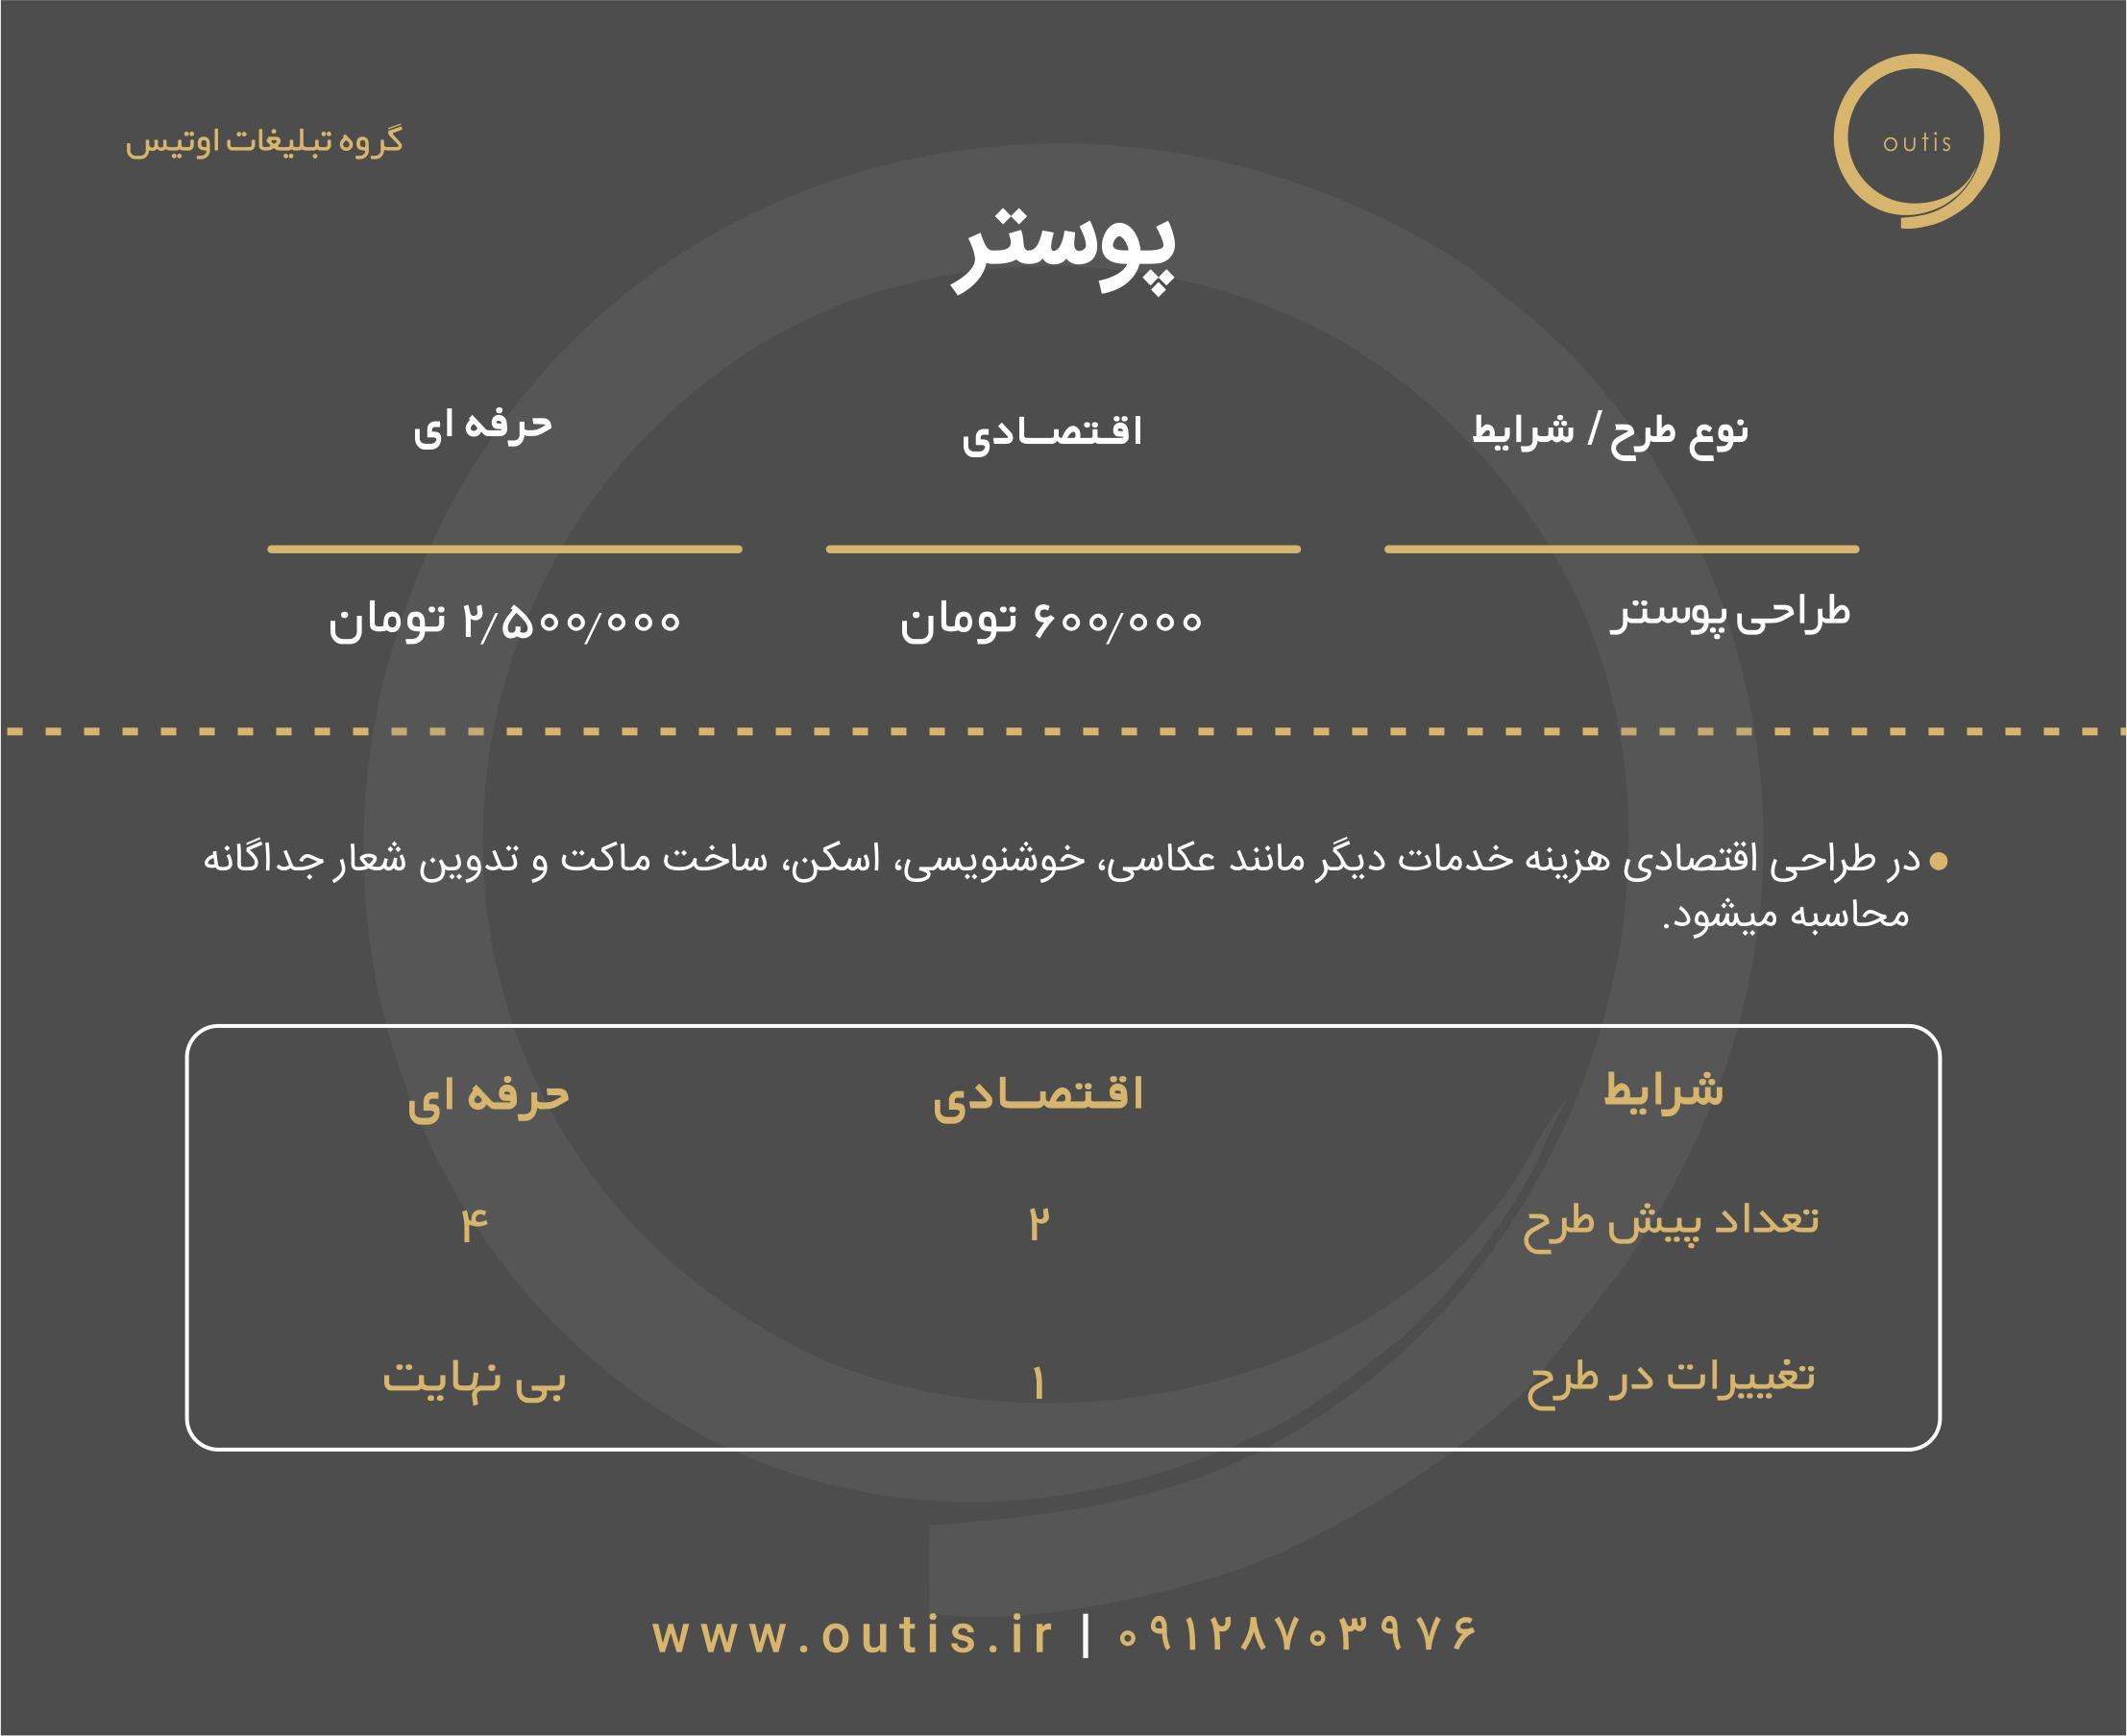 طراحی پوستر ، طراحی پوستر اصفهان | گروه طراحی اوتیس اصفهان